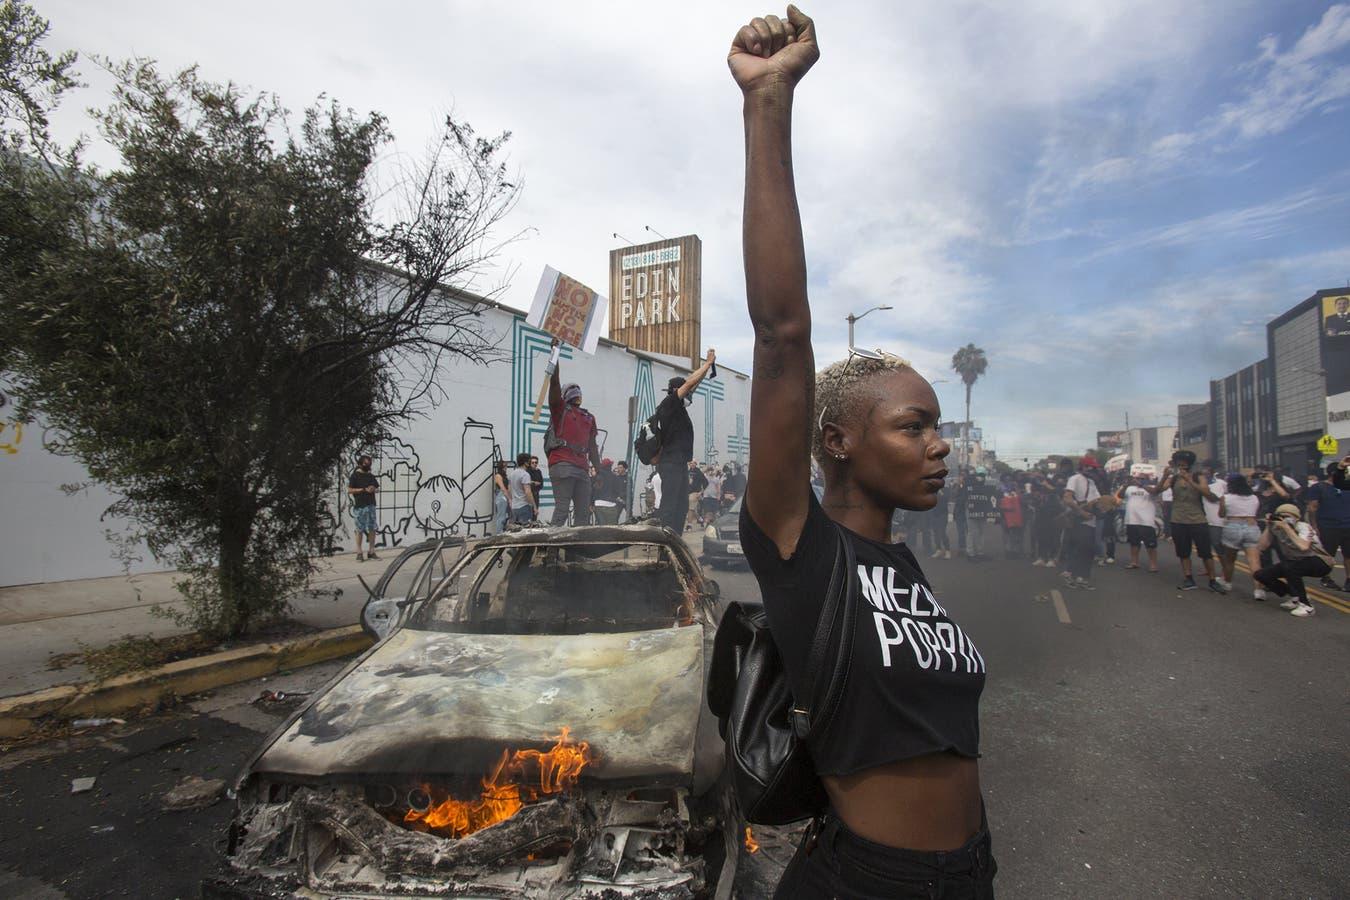 Una manifestante frente a un auto de policía en llamas en Los Ángeles, el 30 del mes pasado